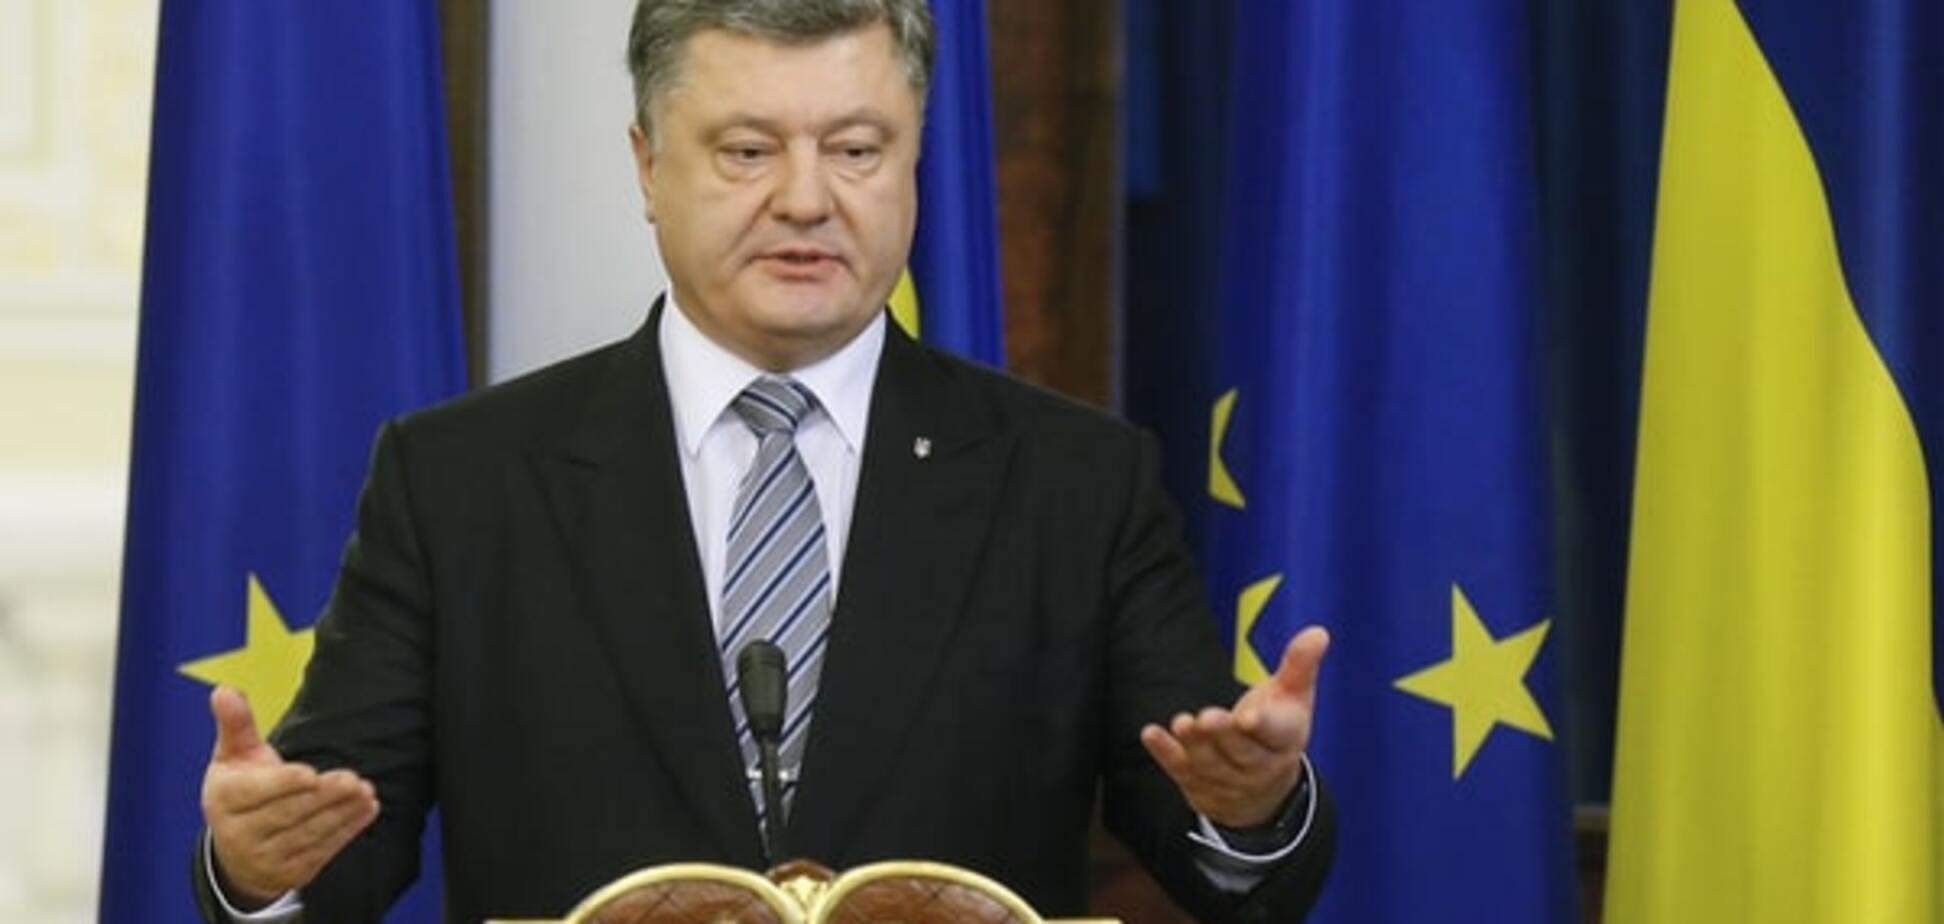 Порошенко потребовал полной и безоговорочной декоммунизации в Украине